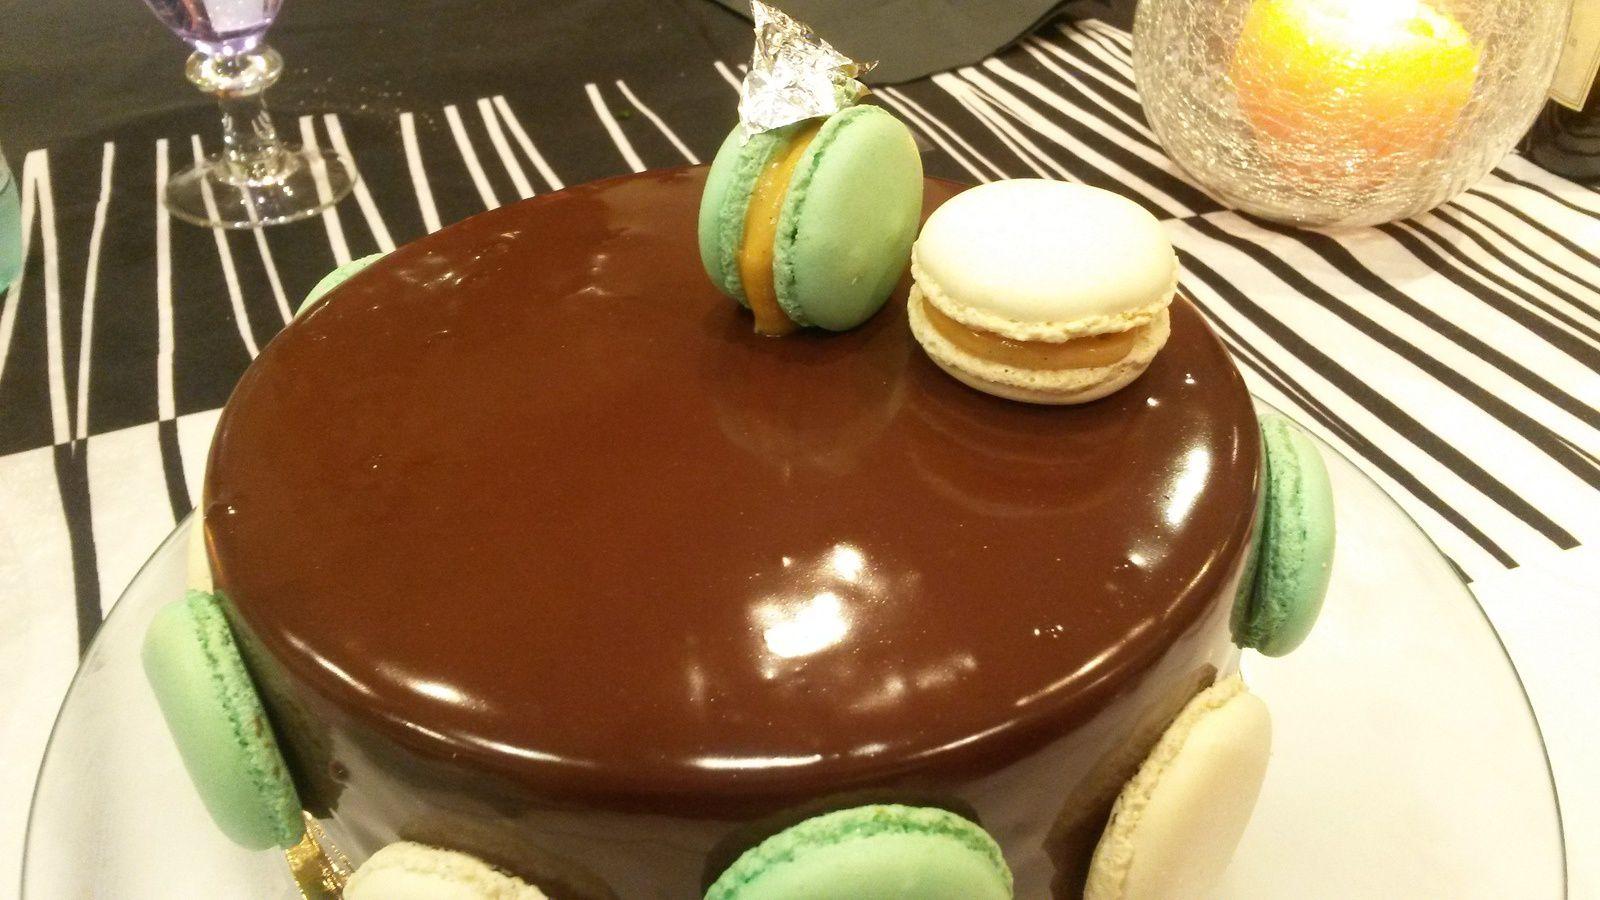 ENTREMETS CHOCOLAT NOIR CARAMEL BEURRE SALE ET NOISETTES CARAMELISEES